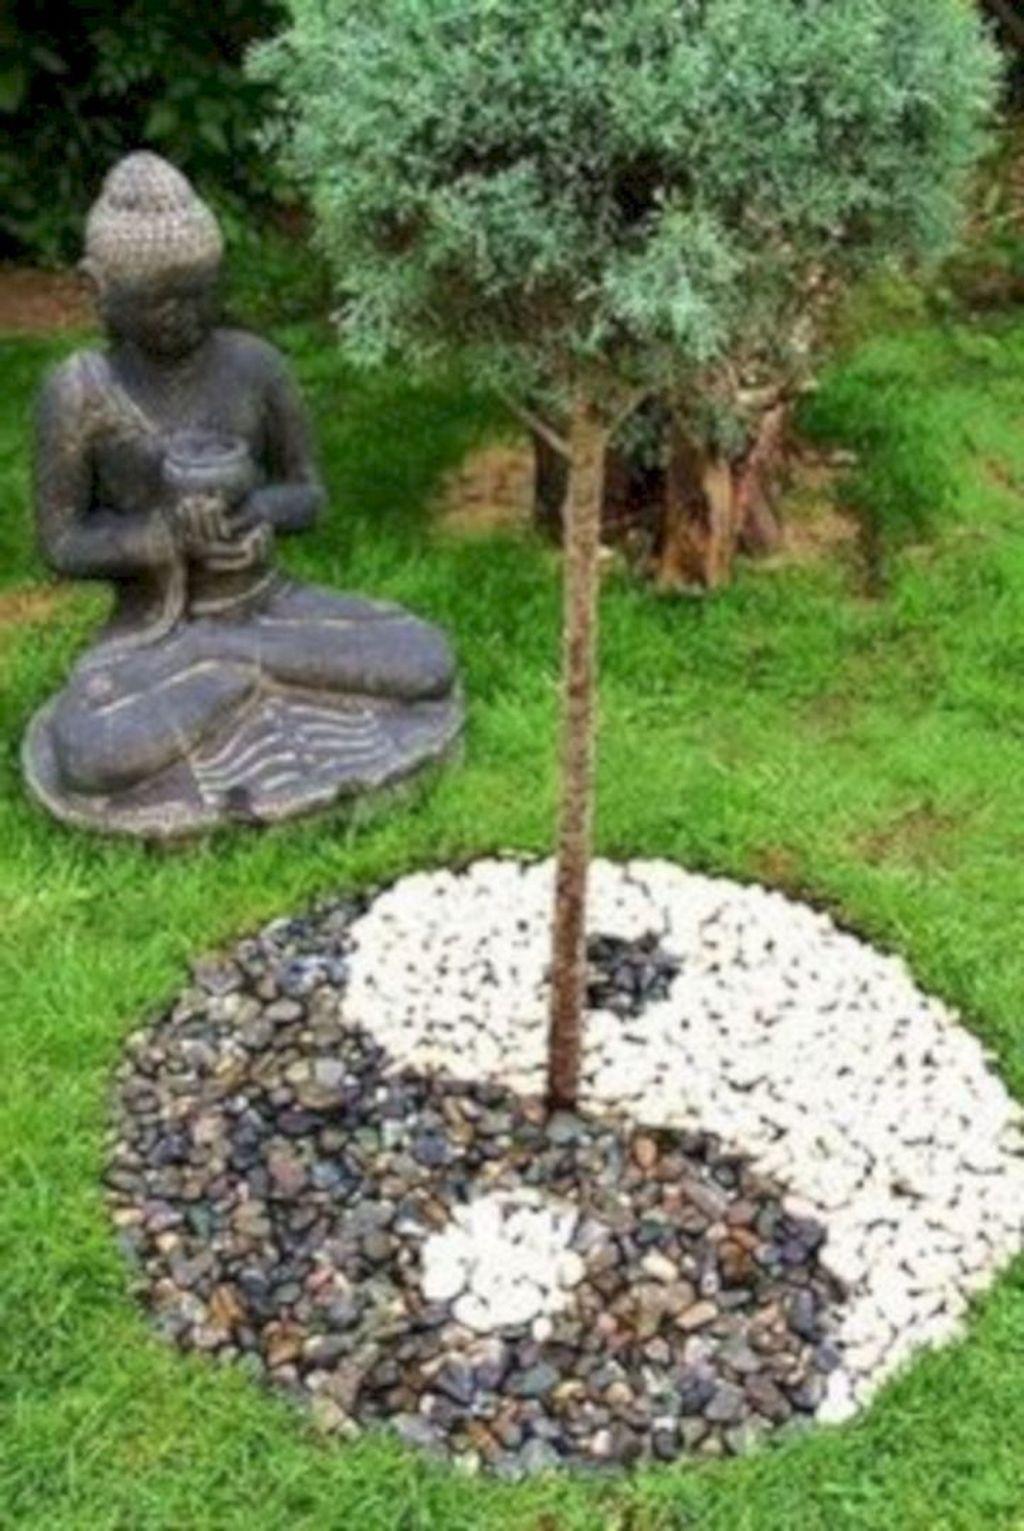 33 Unique Rock Garden Ideas For Backyard #asiangarden